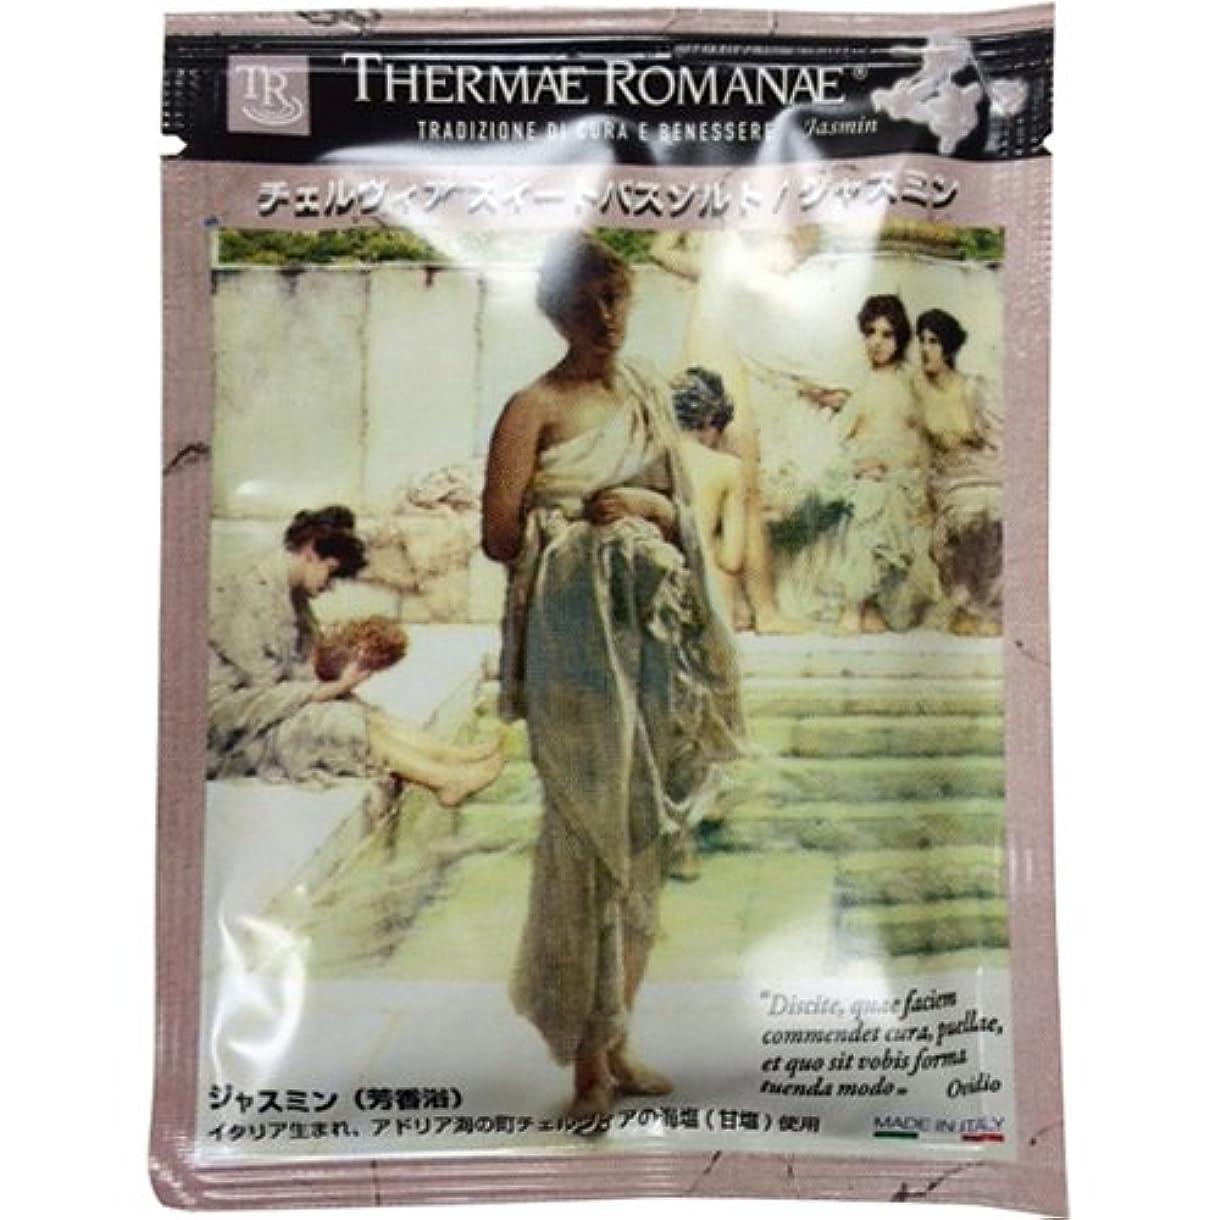 評判無傷ページTHERMAE ROMANAE(テルマエ ロマエ) チェルヴィア スイート バスソルト40g ジャスミン